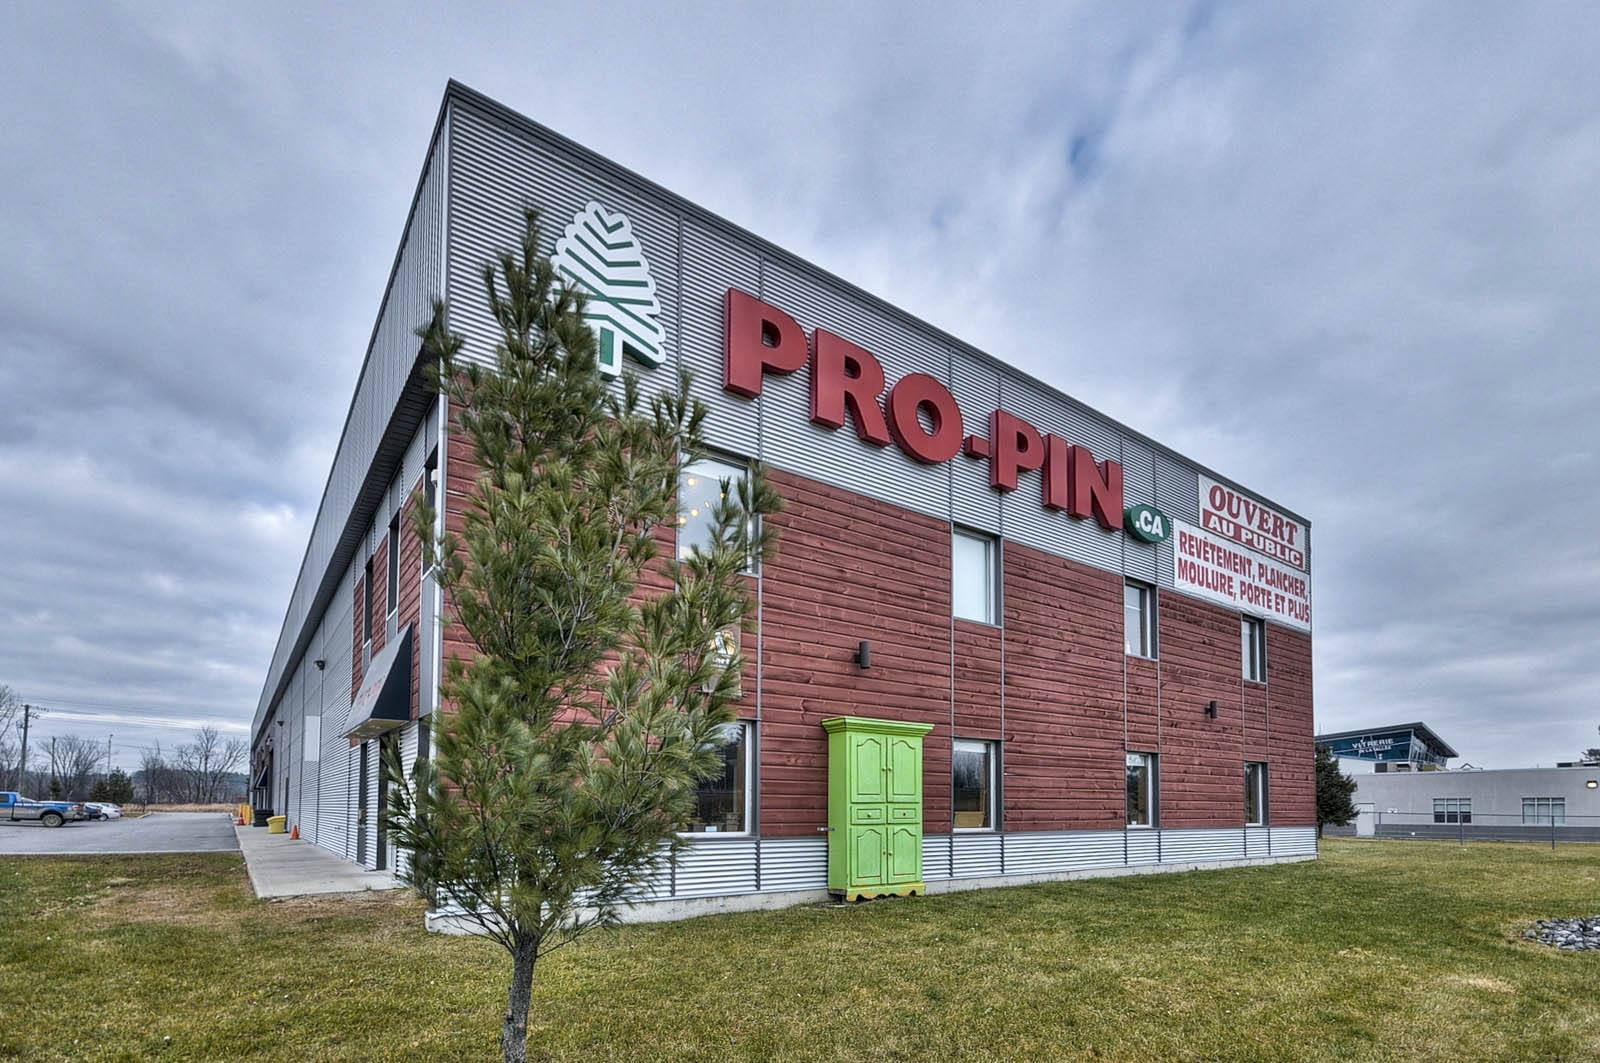 Edifice Pro-pin